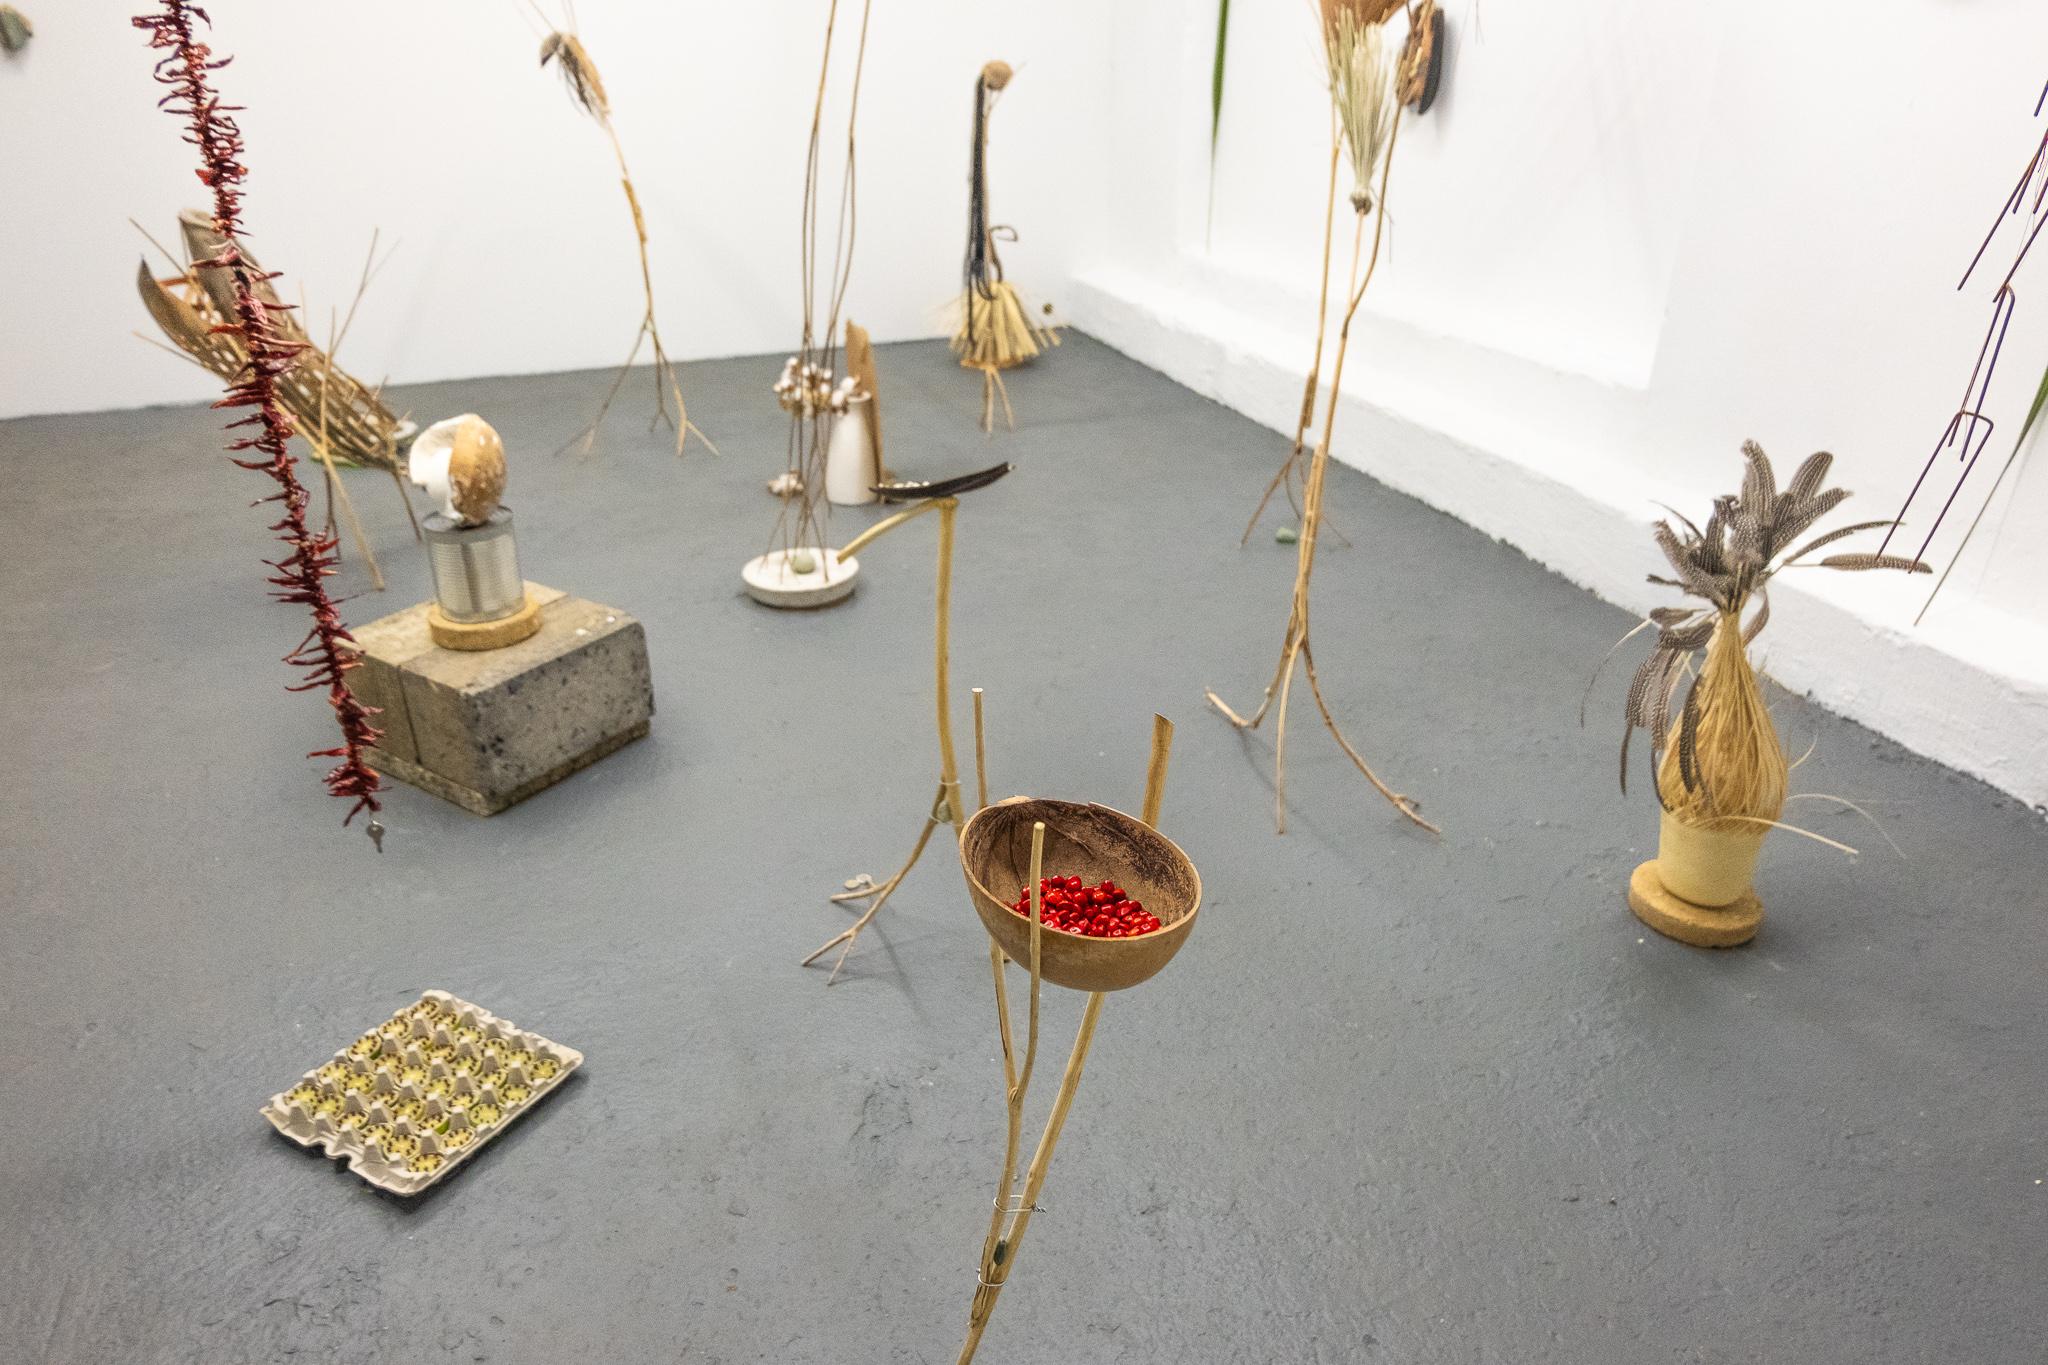 Vista de la muestra La fortuita armonía de cosas disímiles de Michael Linares